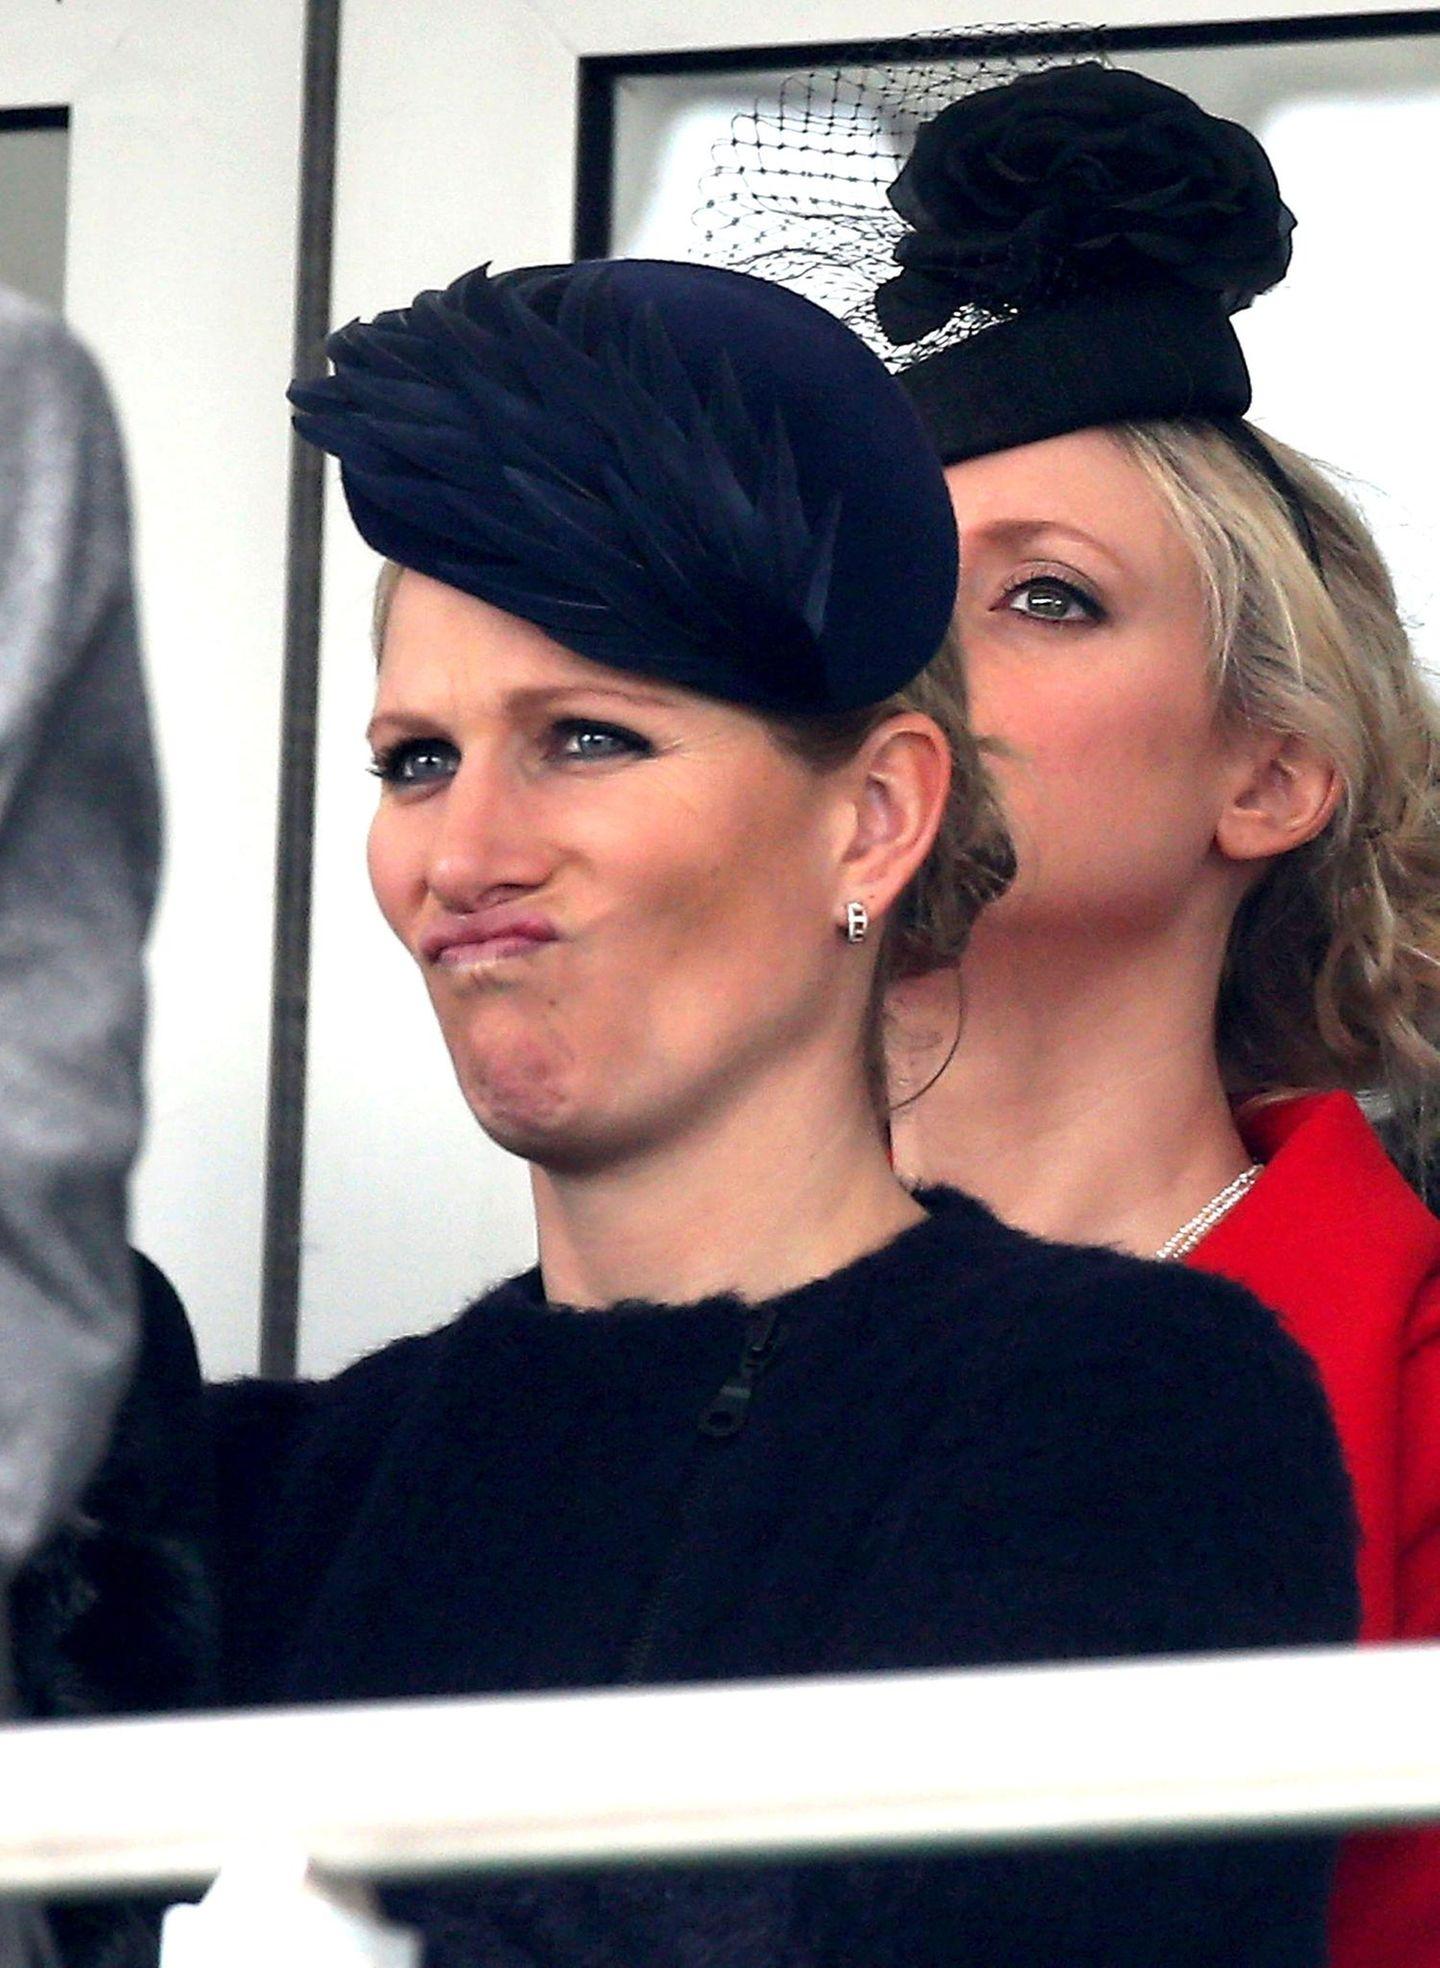 Das Pferderennen scheint nicht zu Zara Phillips Zufriedenheit ausgegangen sein.